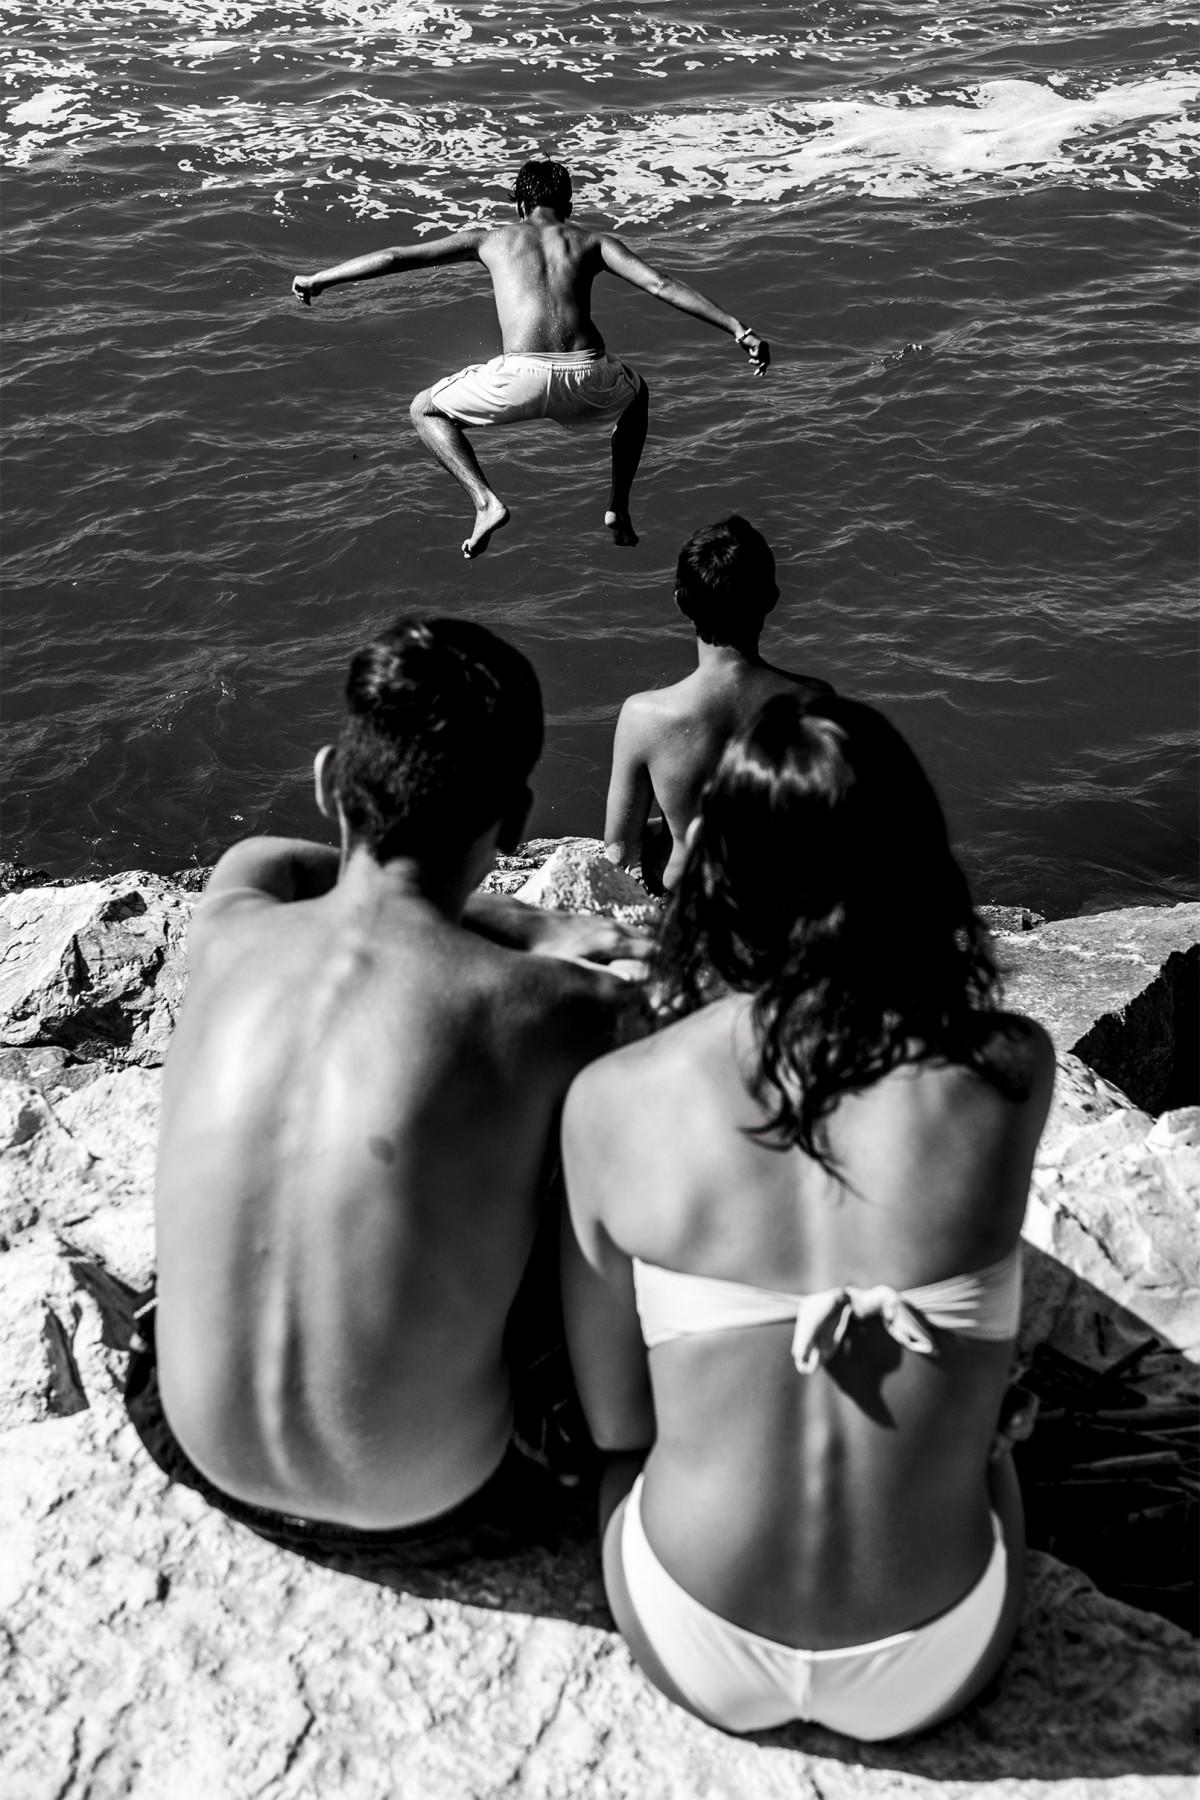 salto-para-o-rio-vieira-de-leiria-2015